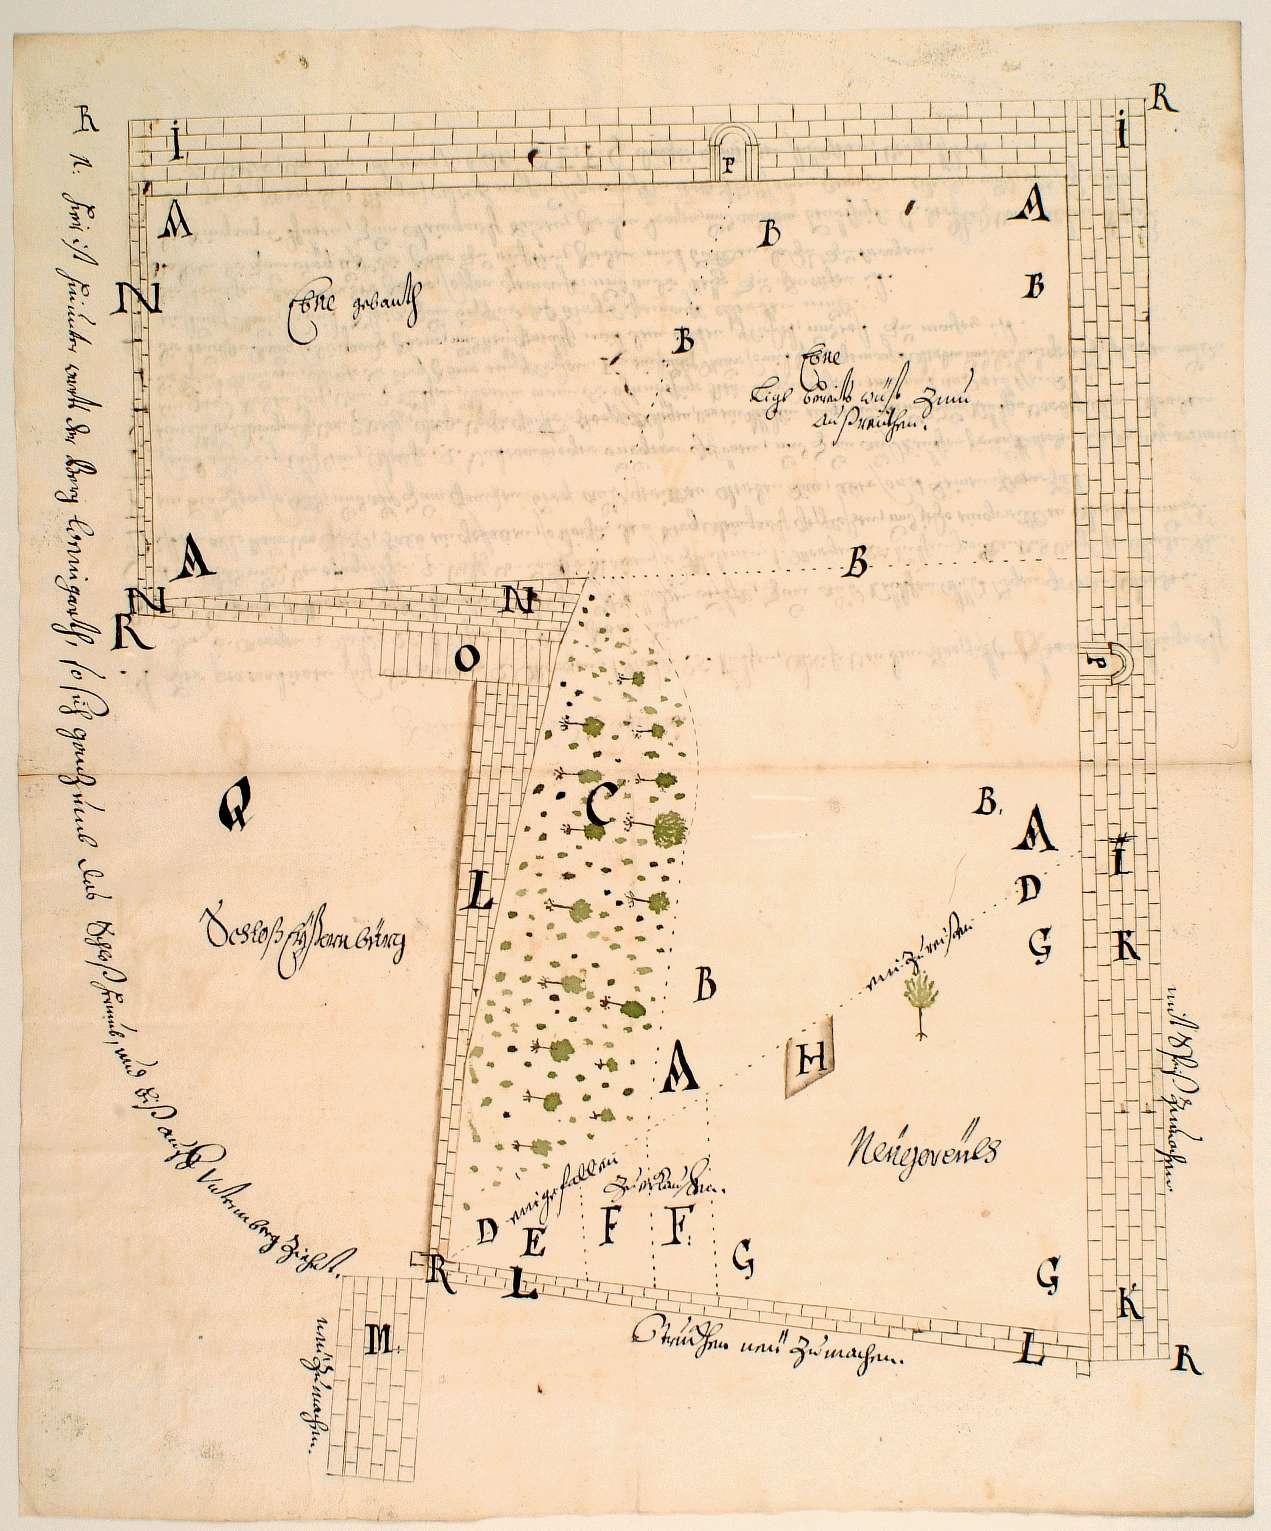 [Plan des Weingartens bei der Eisenburg in Großsachsenheim], Bild 1